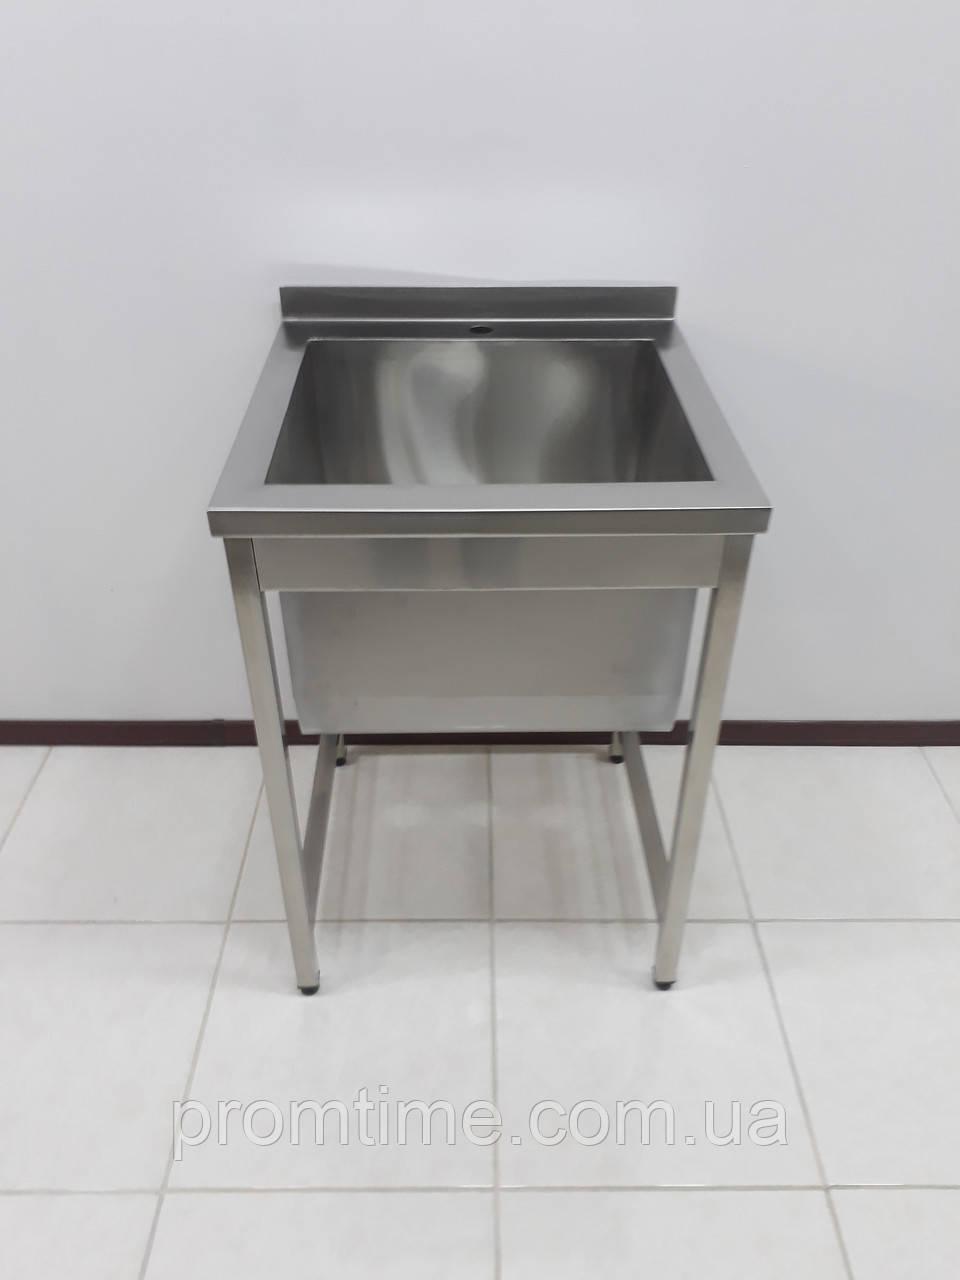 Ванна моечная, мойка односекционная с бортом из нержавеющей стали 600х600х850